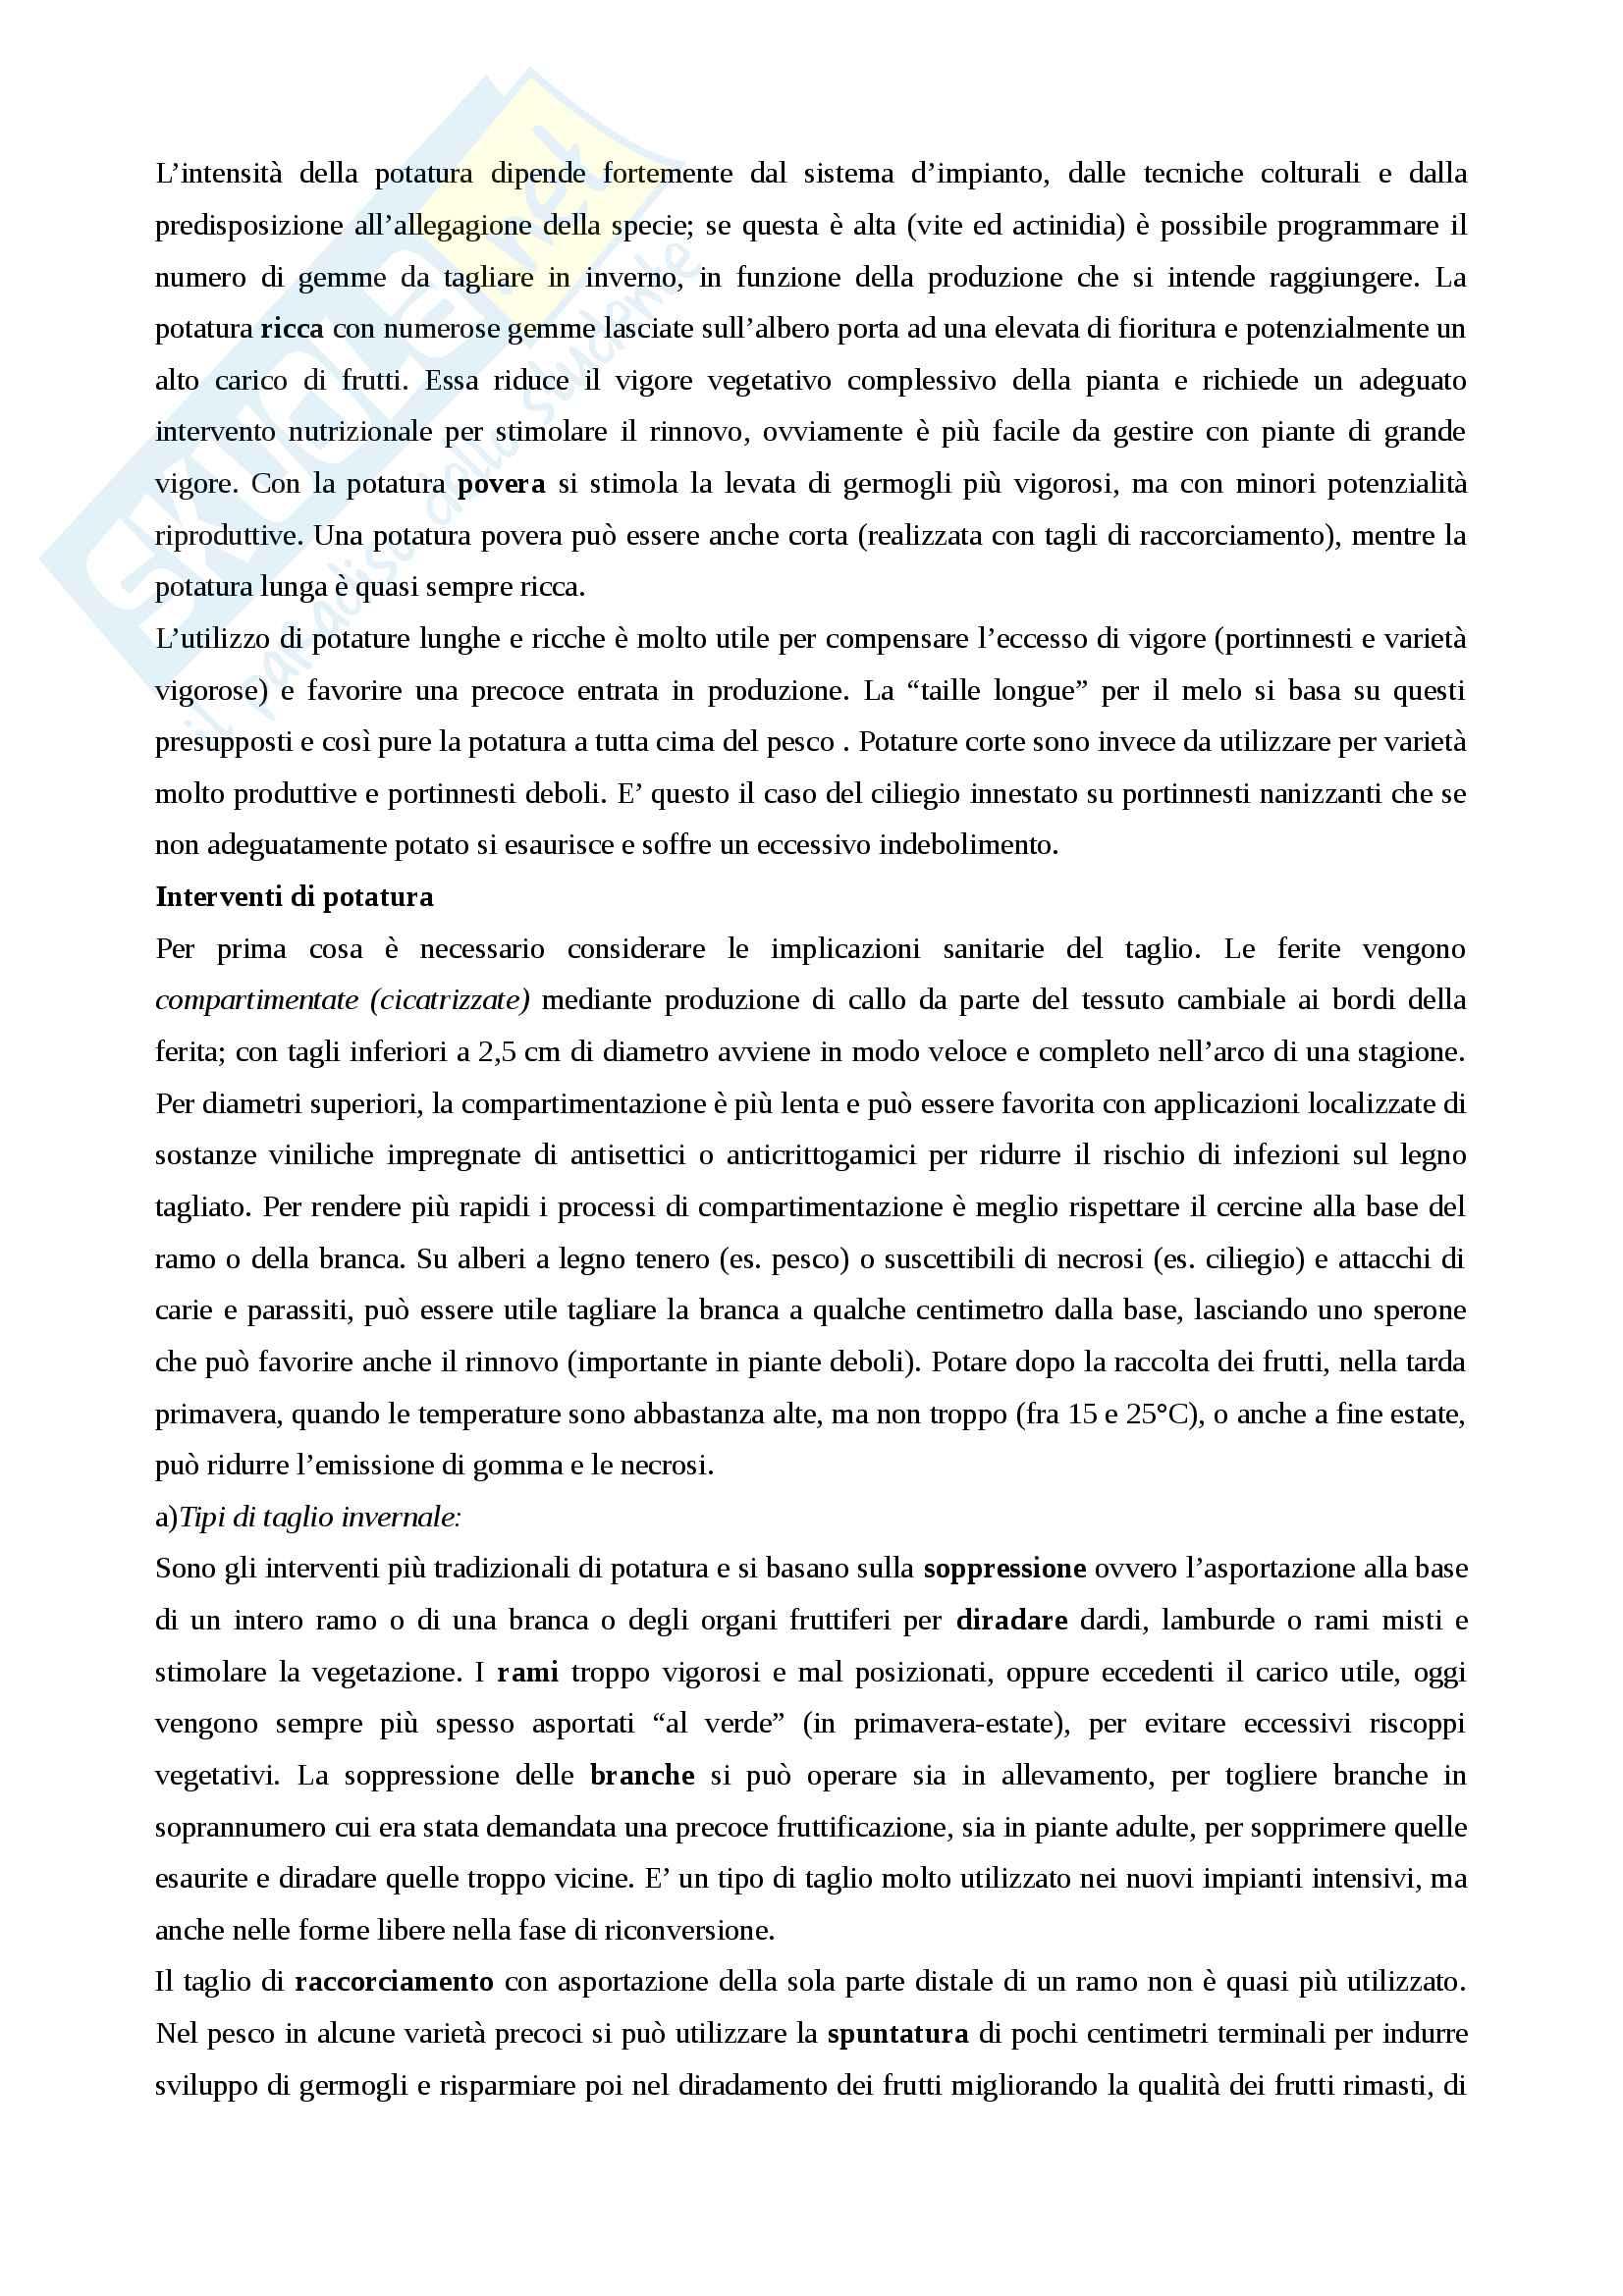 Arboricoltura Pag. 16